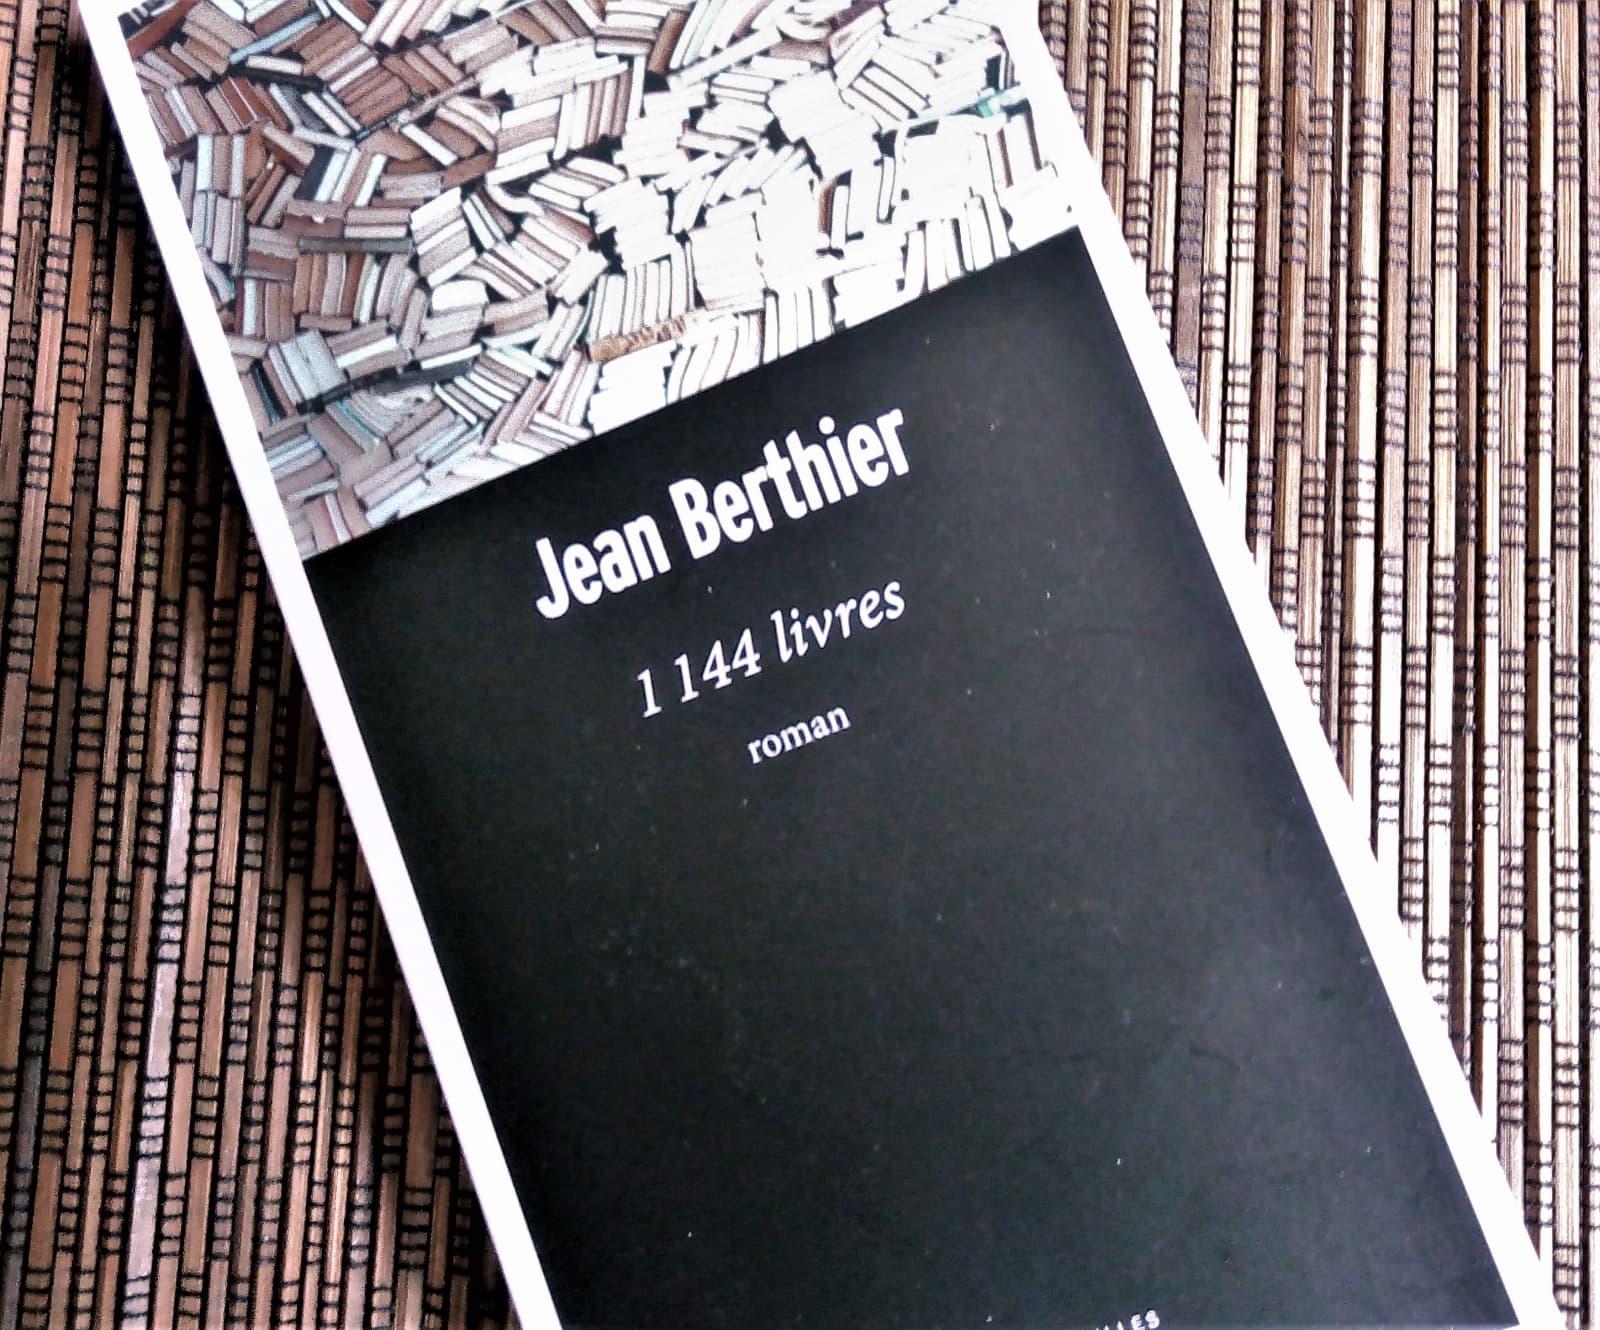 1144 livres de Jean Berthier collection 'passe-murailles' chez Robert Laffont